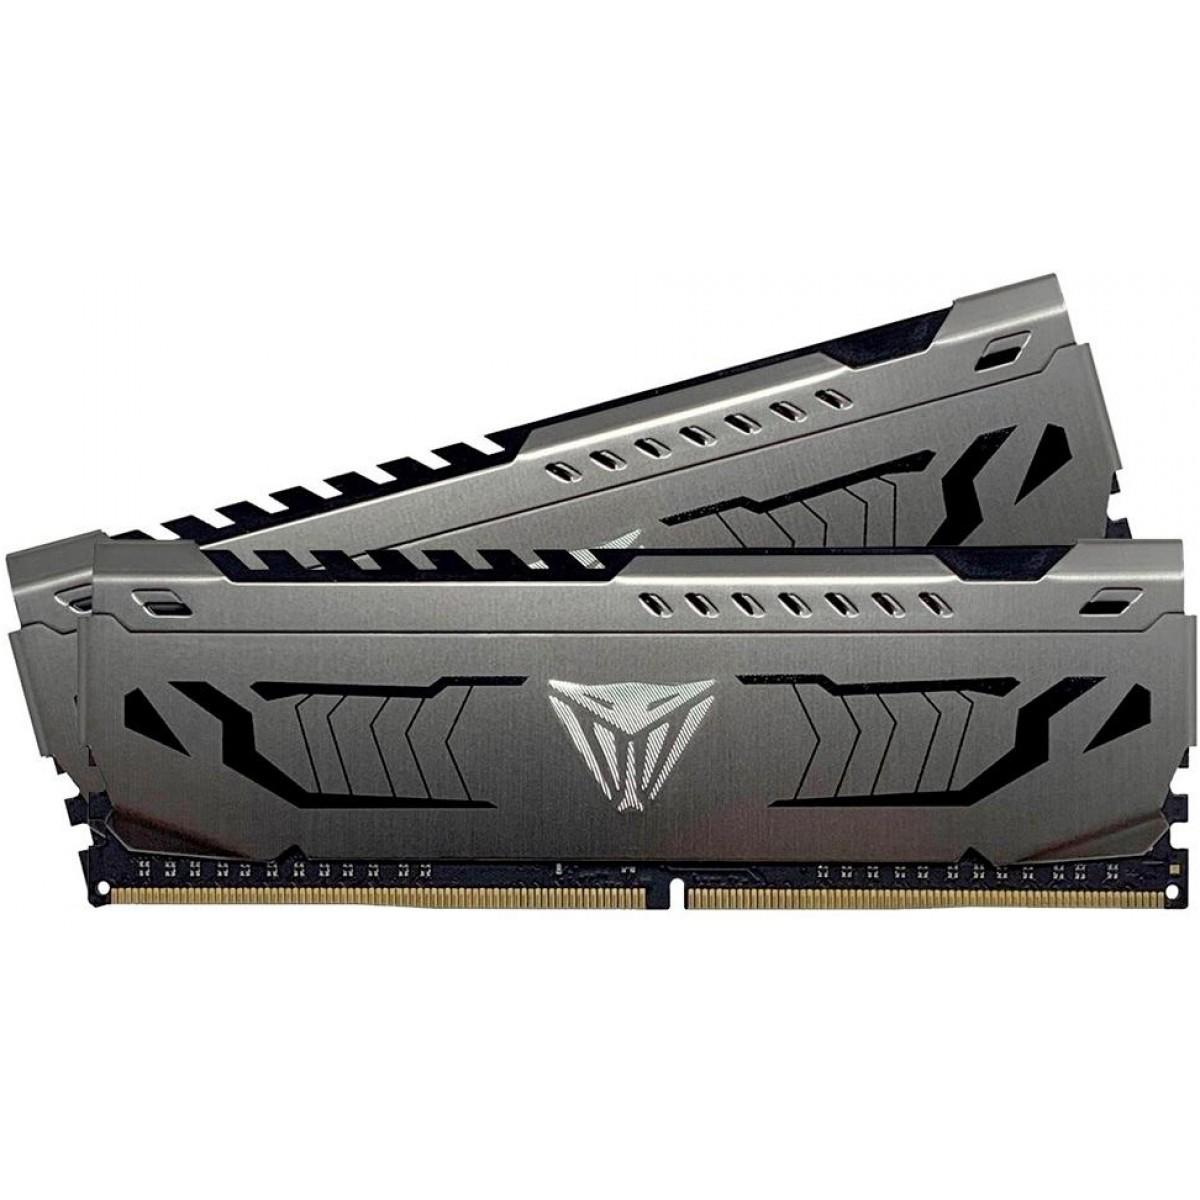 Memória DDR4 Patriot Viper Steel, 16GB (2x8GB) 3000MHz, Black, PVS416G300C6K